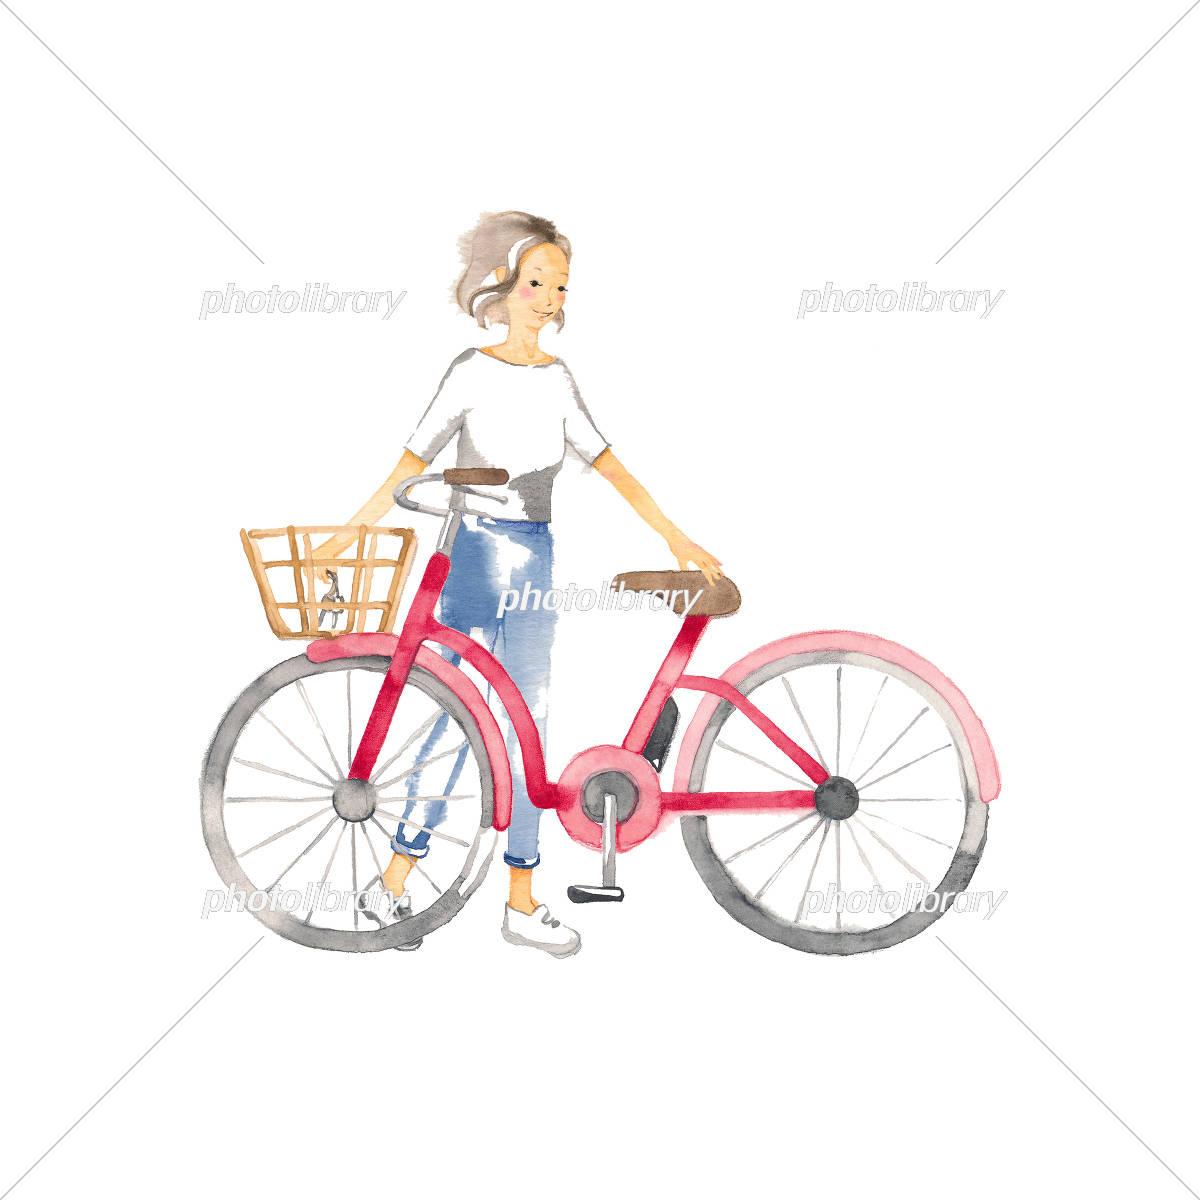 自転車でおでかけ 女性1人 イラスト素材 フォトライブラリー Photolibrary